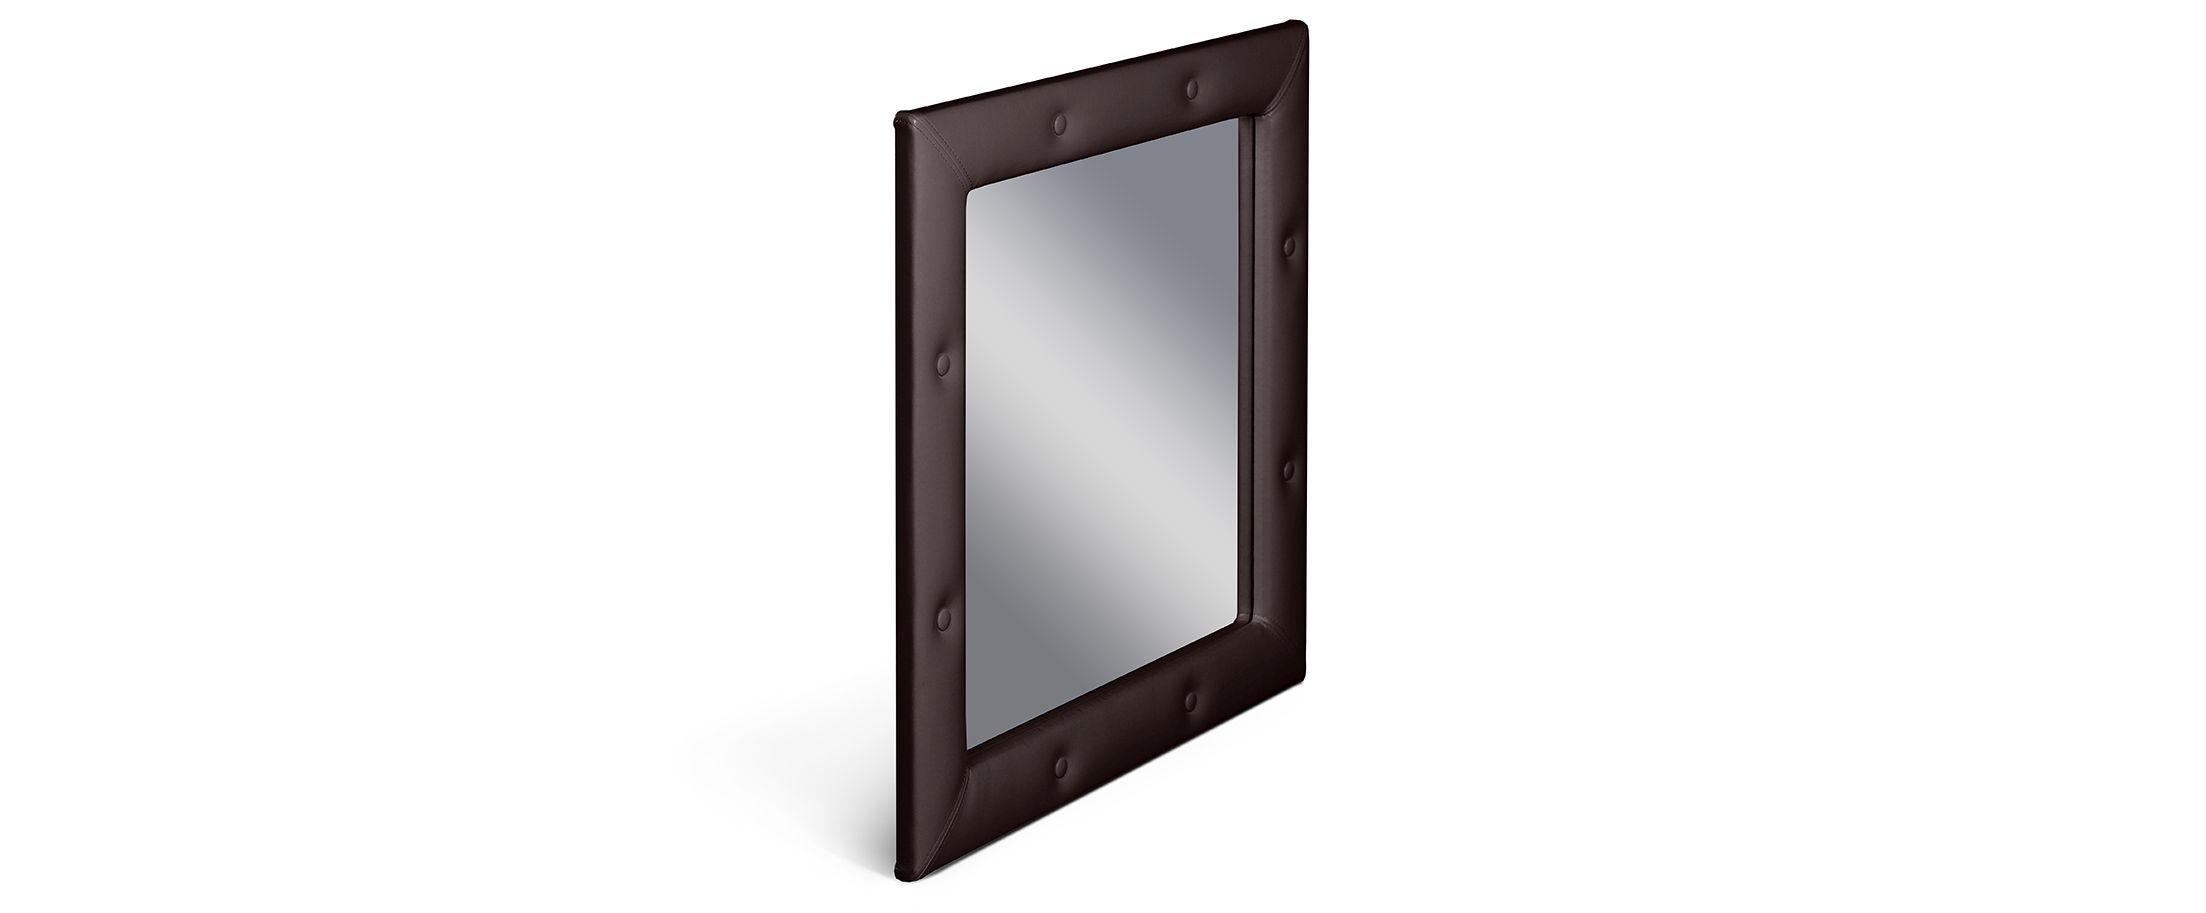 Зеркало Кааба кофеЗеркало навесное в спальню. Обивка из экокожи с декоративными пуговицами. Артикул: К000443<br><br>Ширина см: 86<br>Глубина см: 4<br>Высота см: 86<br>Цвет: Коричневый